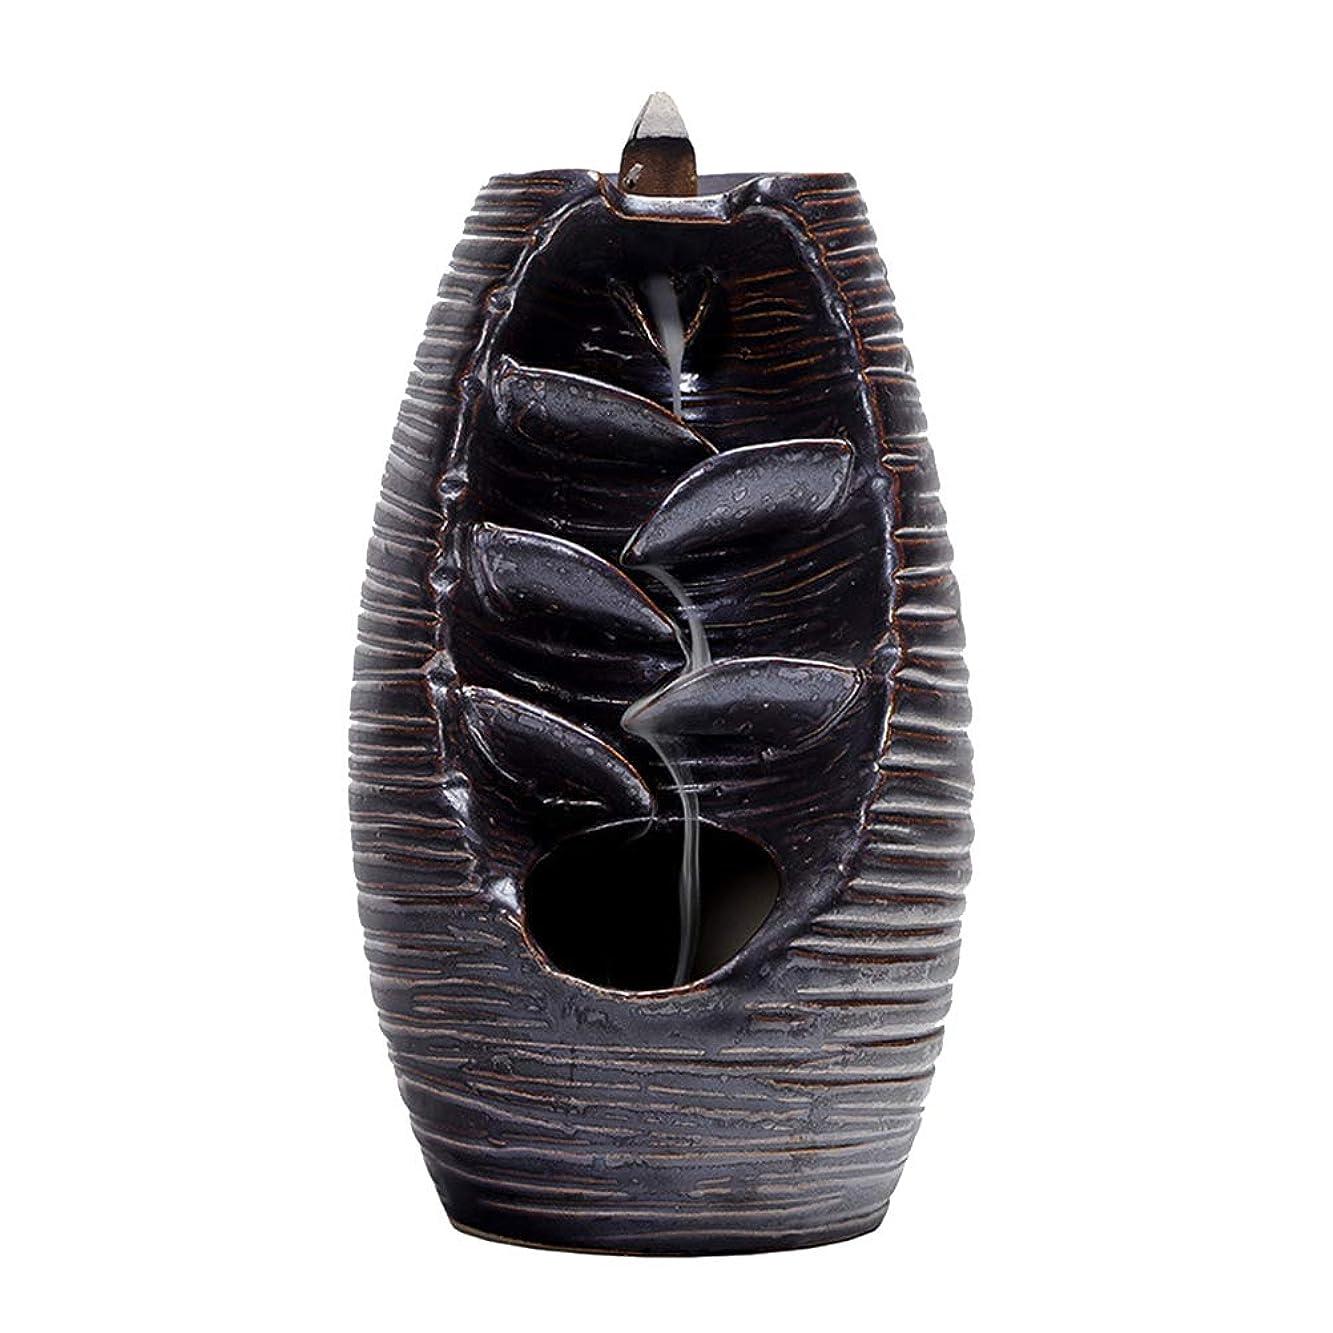 まつげバトル編集するVosarea 逆流香バーナー滝香ホルダーアロマ飾り仏教用品(黒)